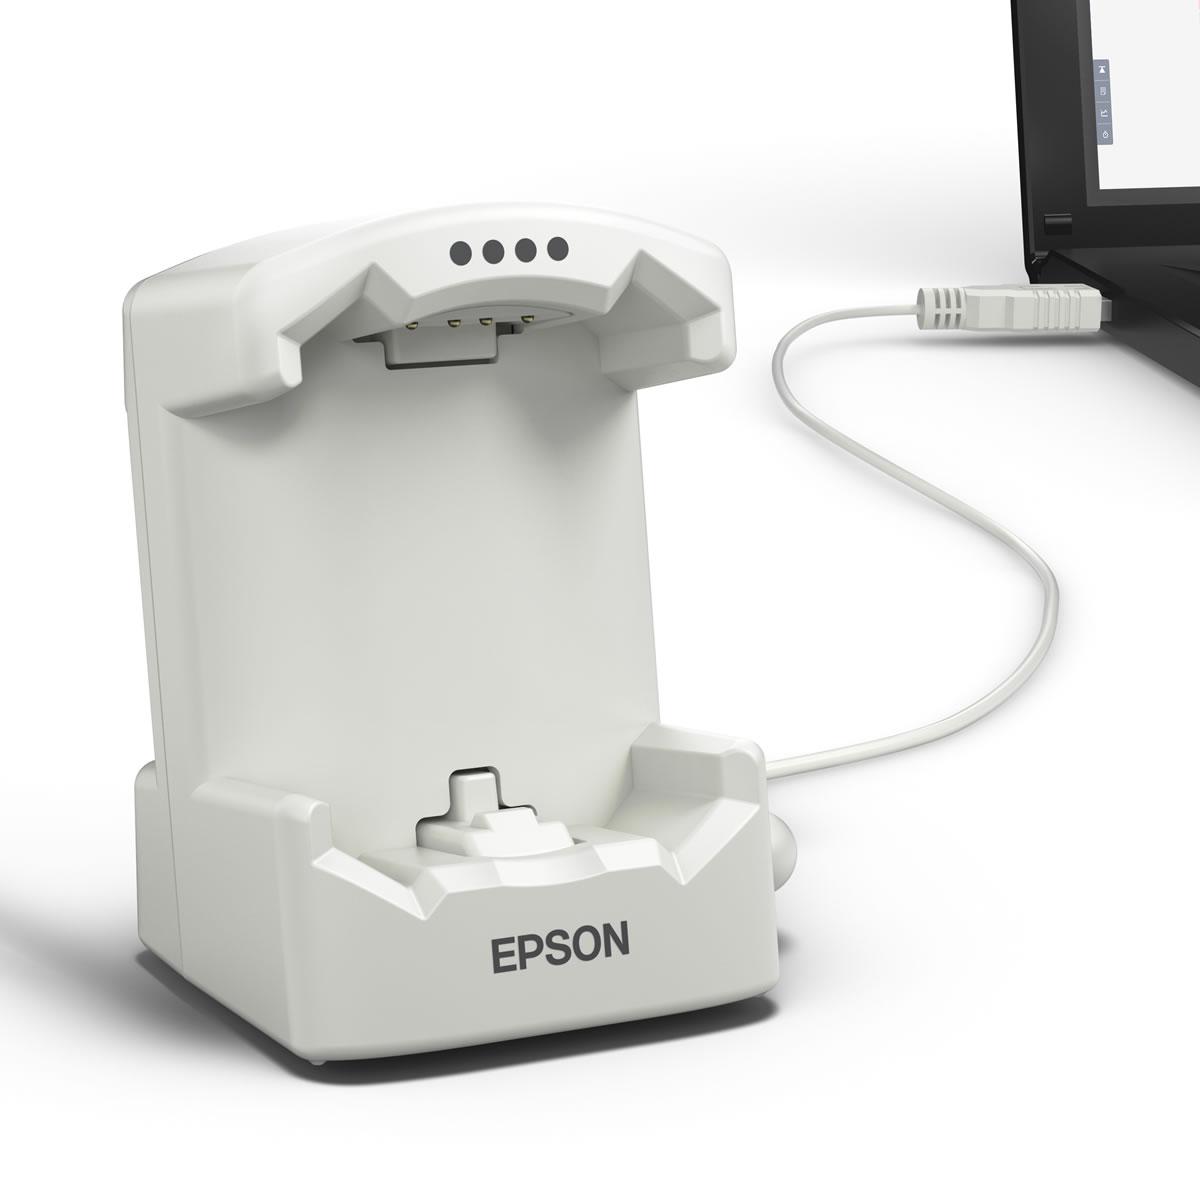 【楽天ショップオブザイヤー2017大賞受賞!】エプソン リスタブルGPS EPSON WristableGPS SF-120シリーズ用充電用クレードル 白 SF-CRD02